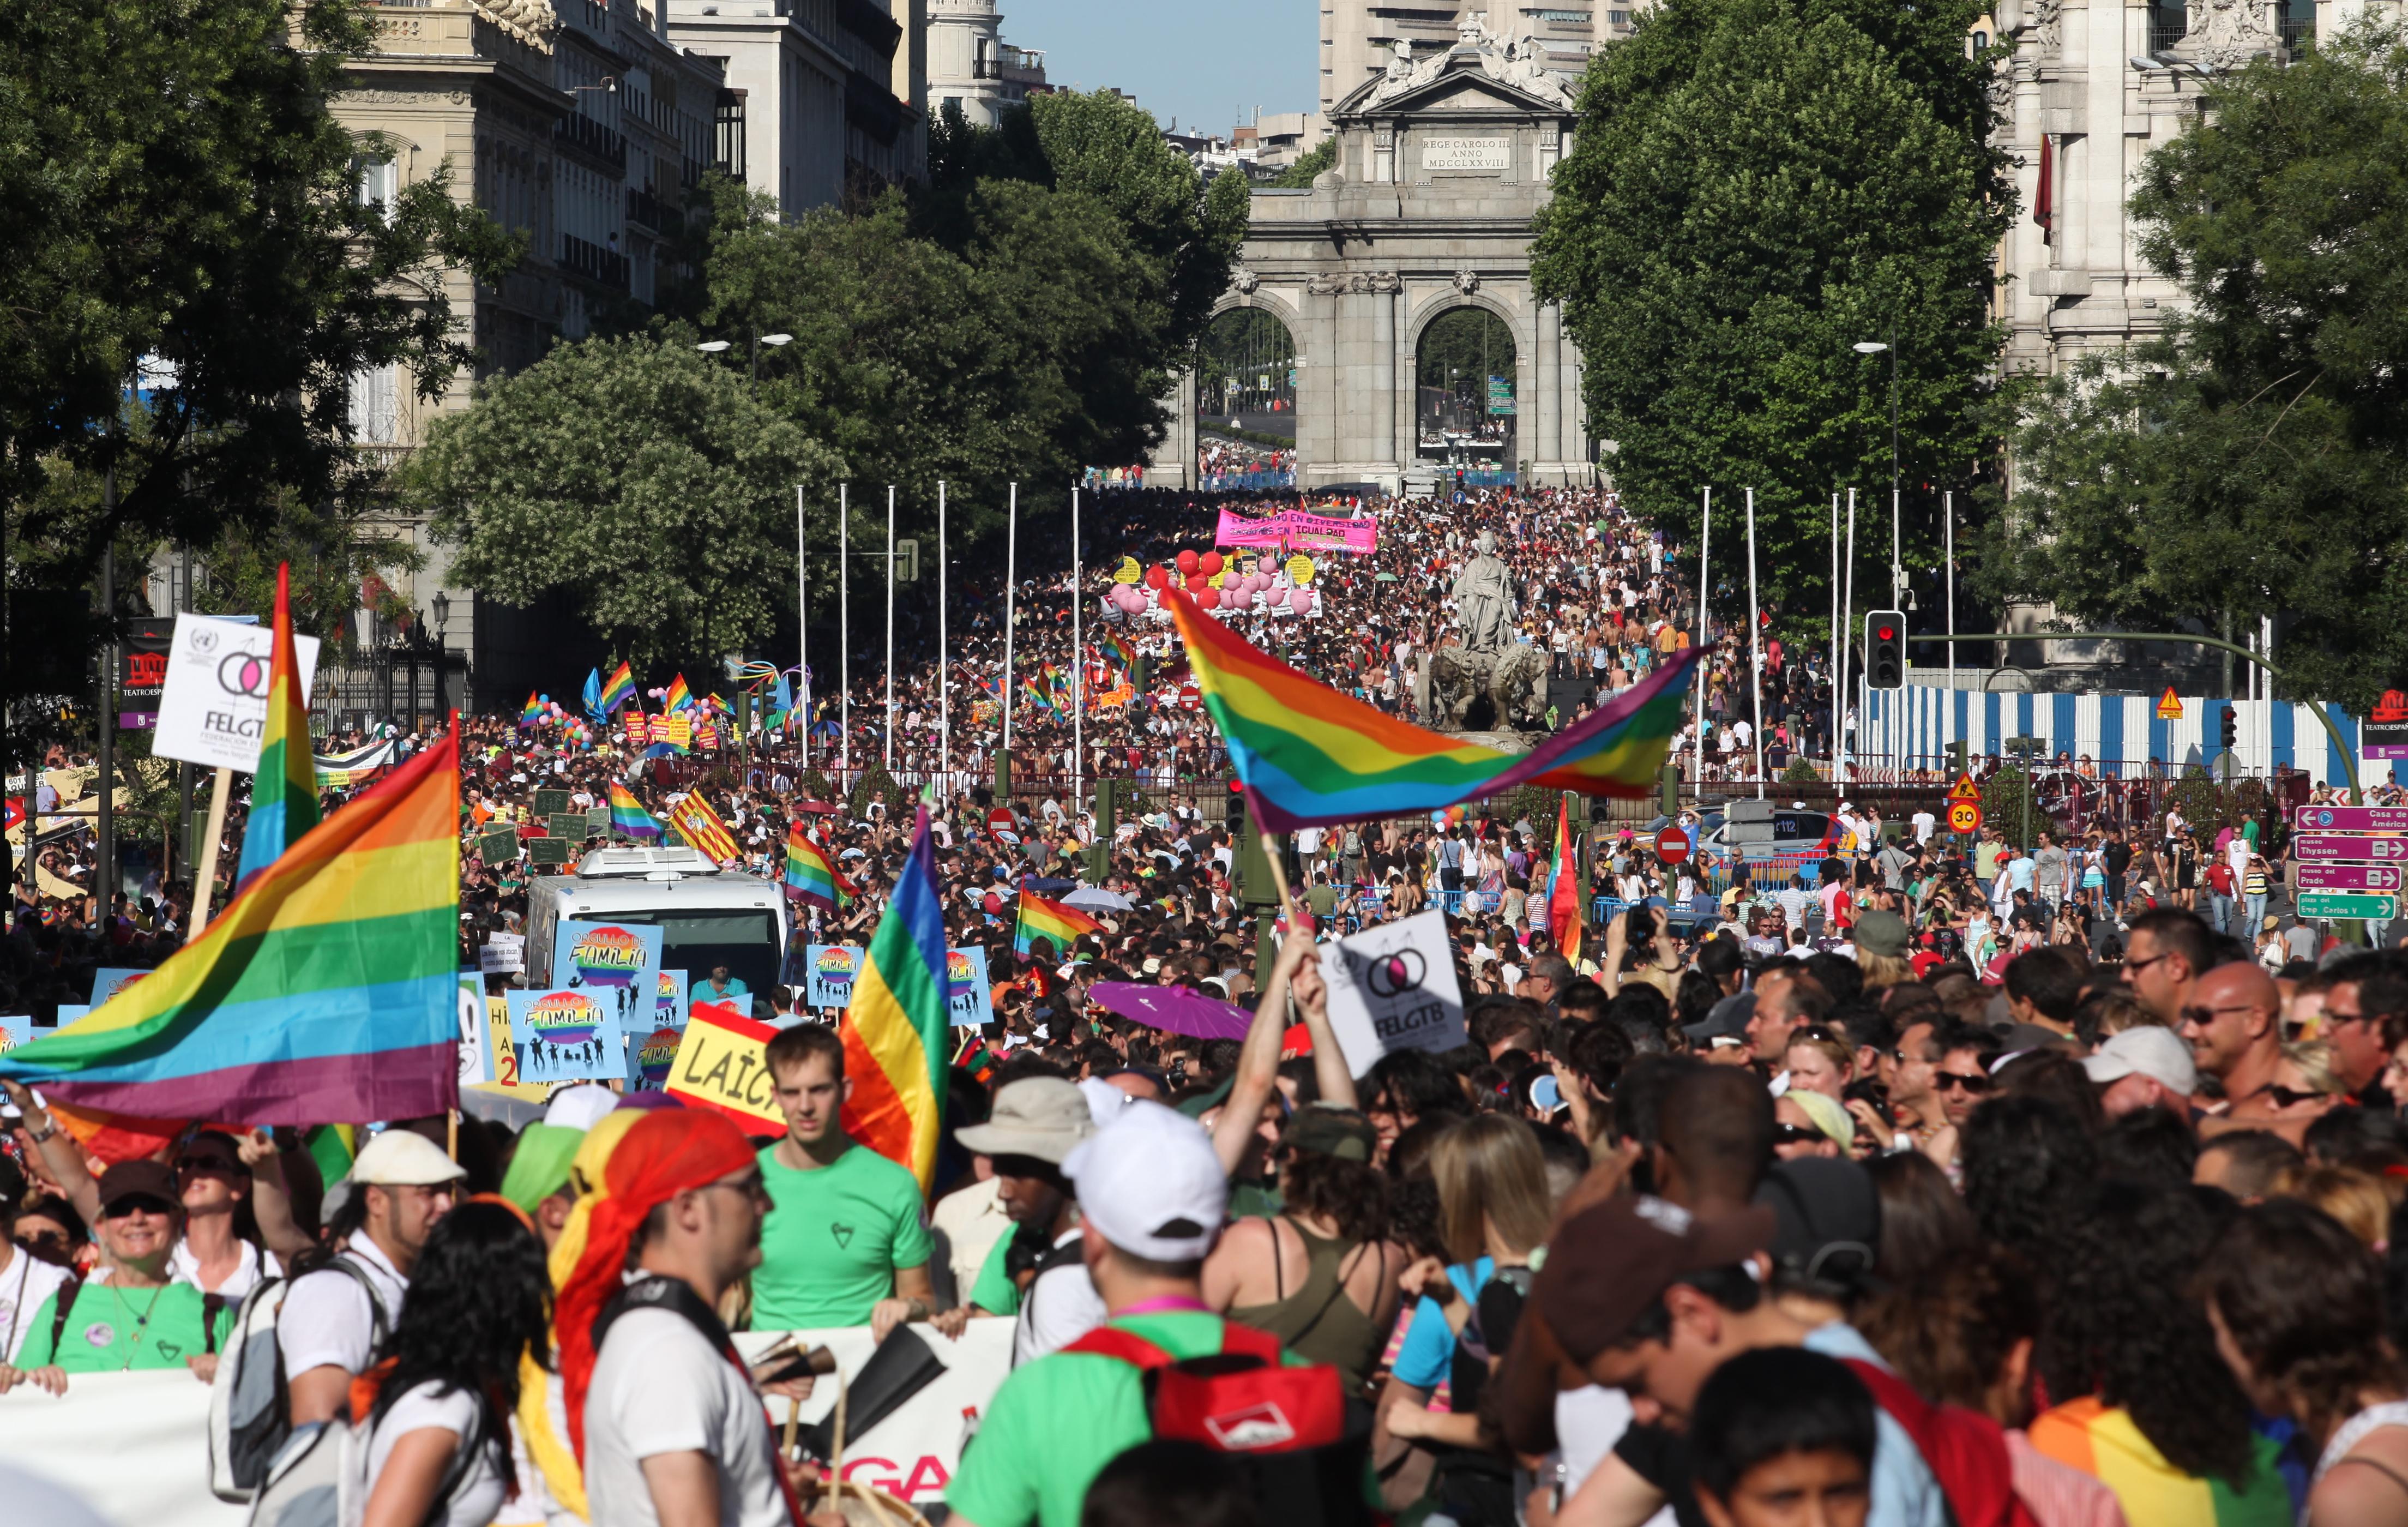 FELGTB y CCOO unen esfuerzos contra el acoso escolar LGTBIfóbico